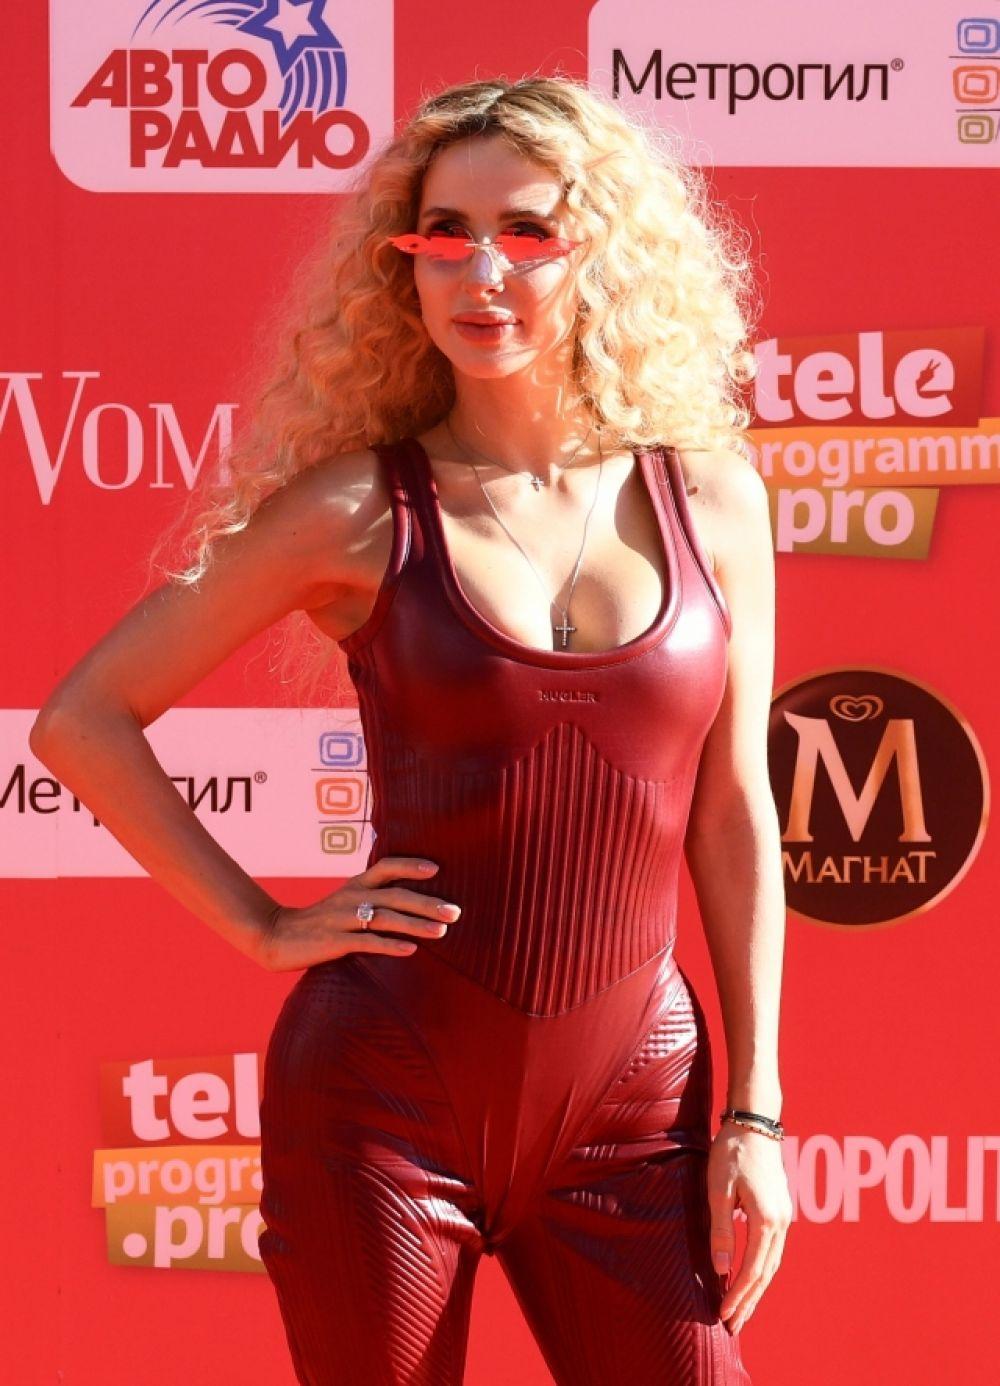 Певица LOBODA полчила награду за лучшее женское видео «moLOko».